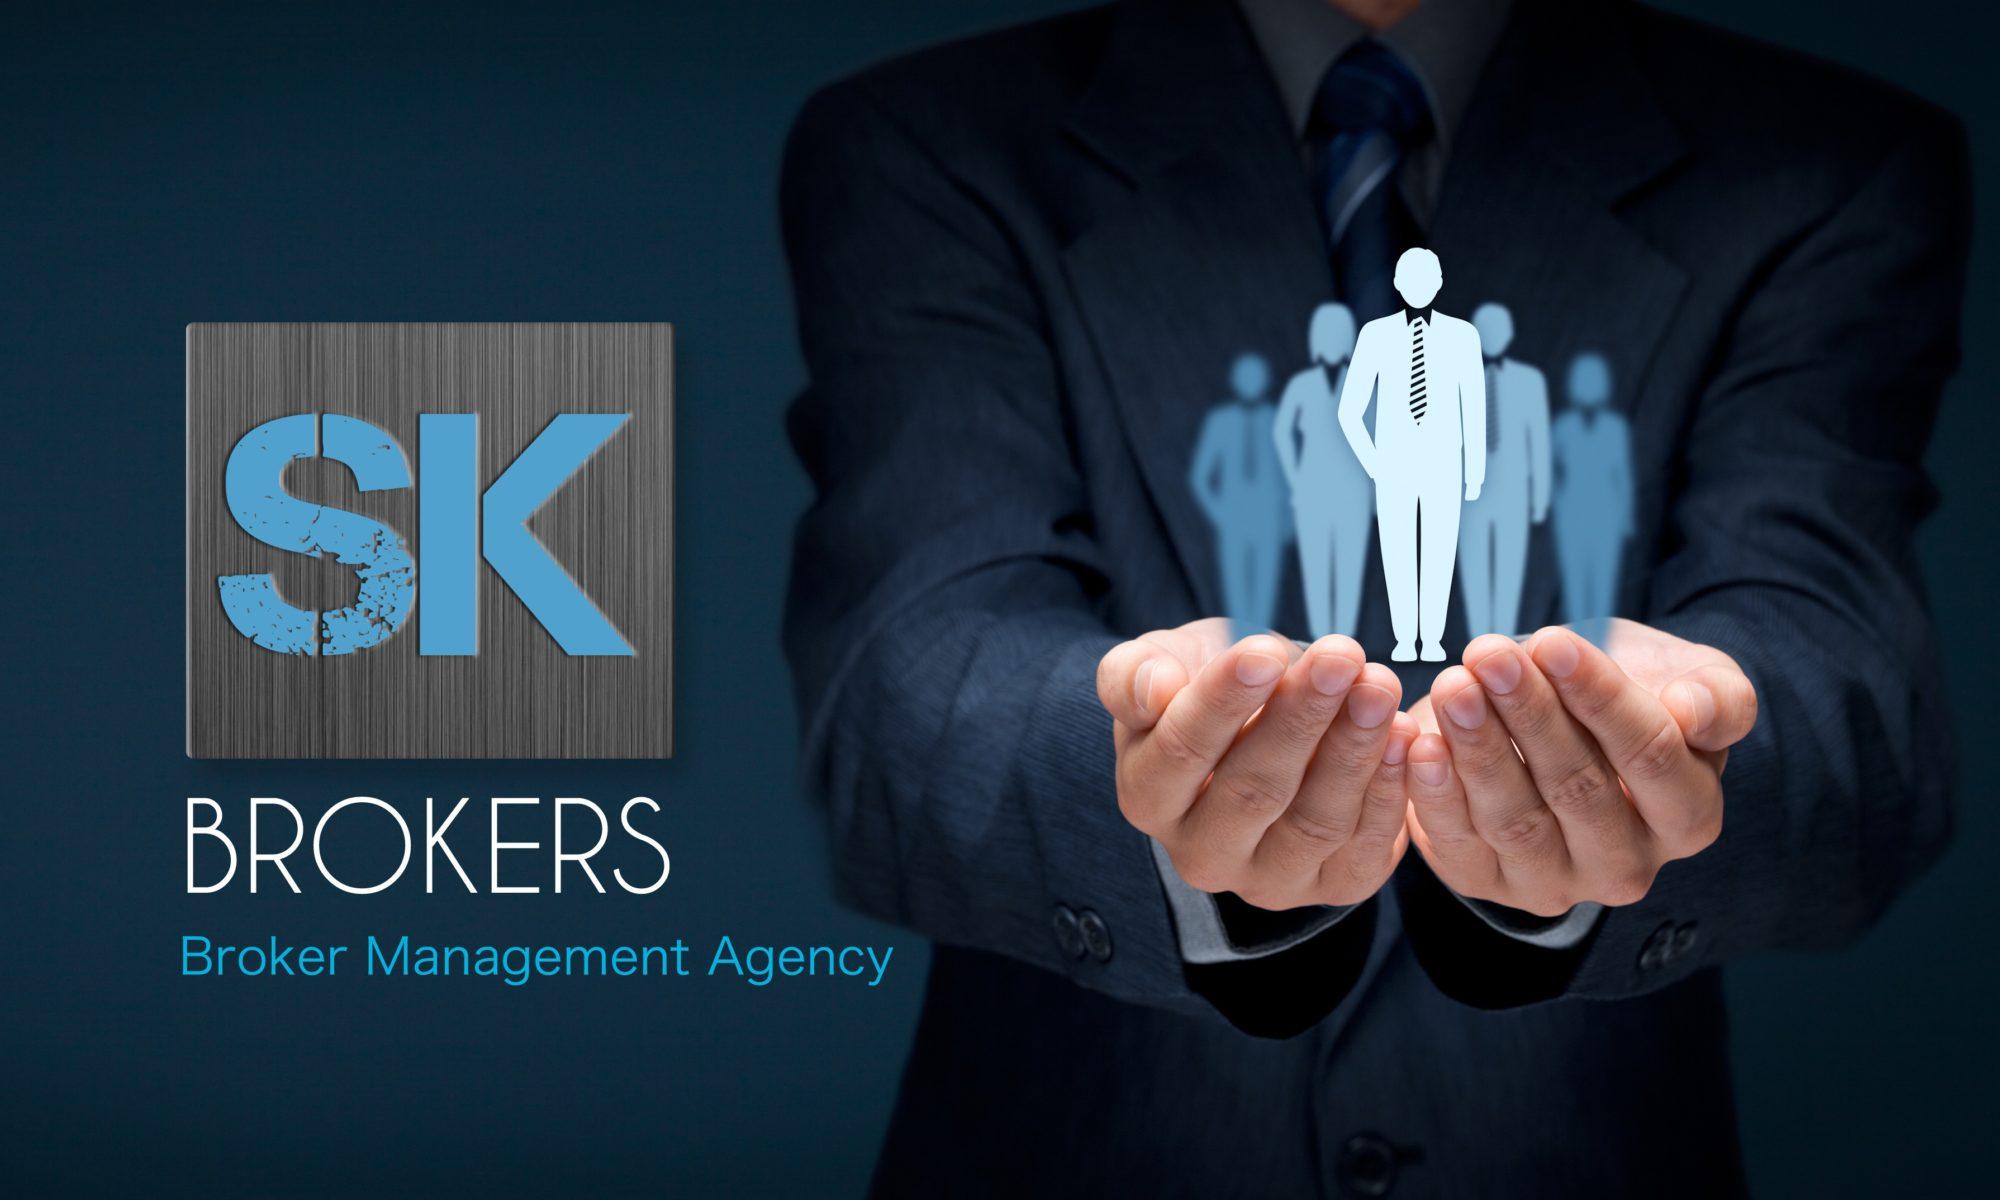 SK Brokers